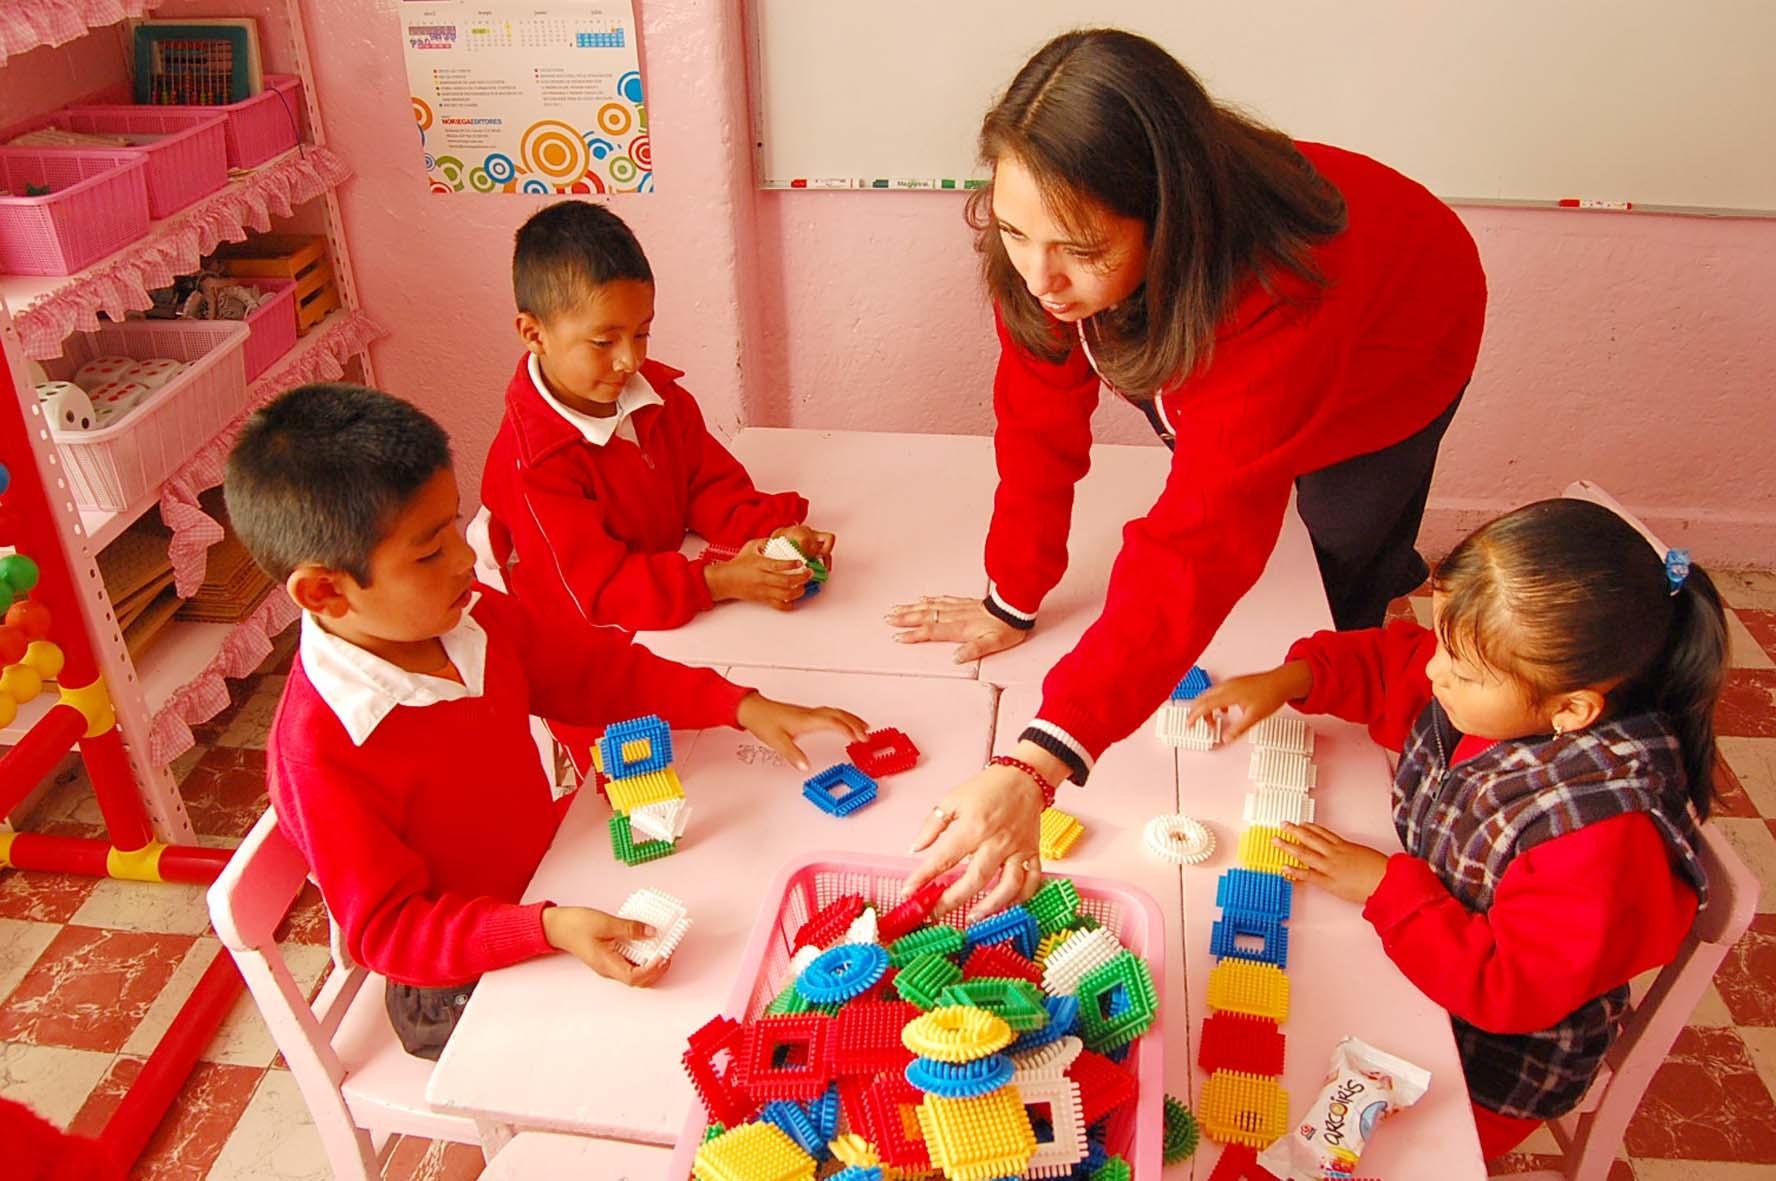 Inician Preinscripciones Para Educación Básica - Becas Méxic